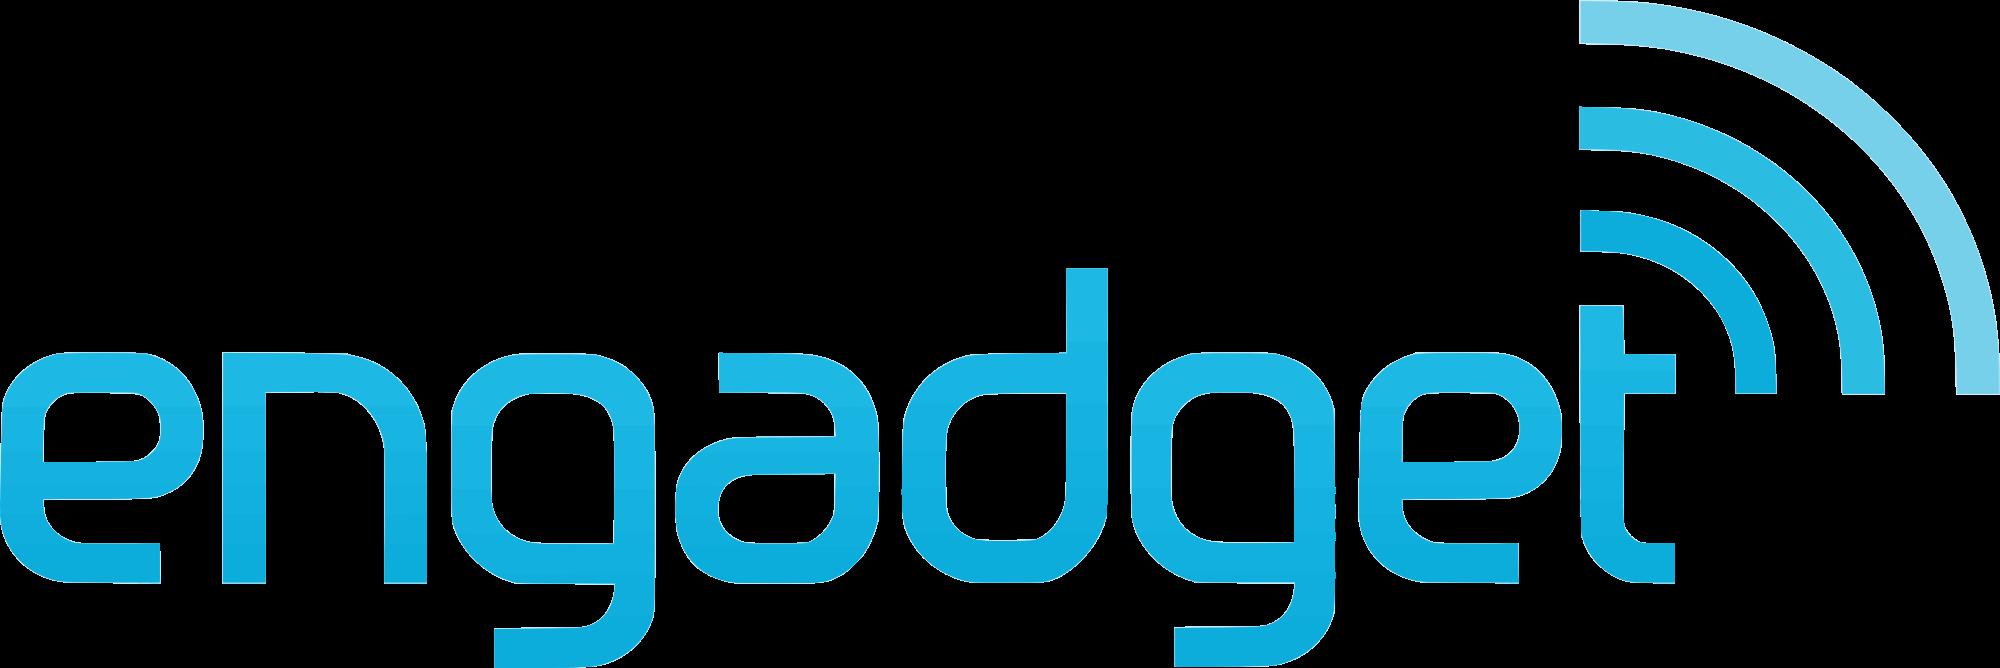 engadget-logo.png